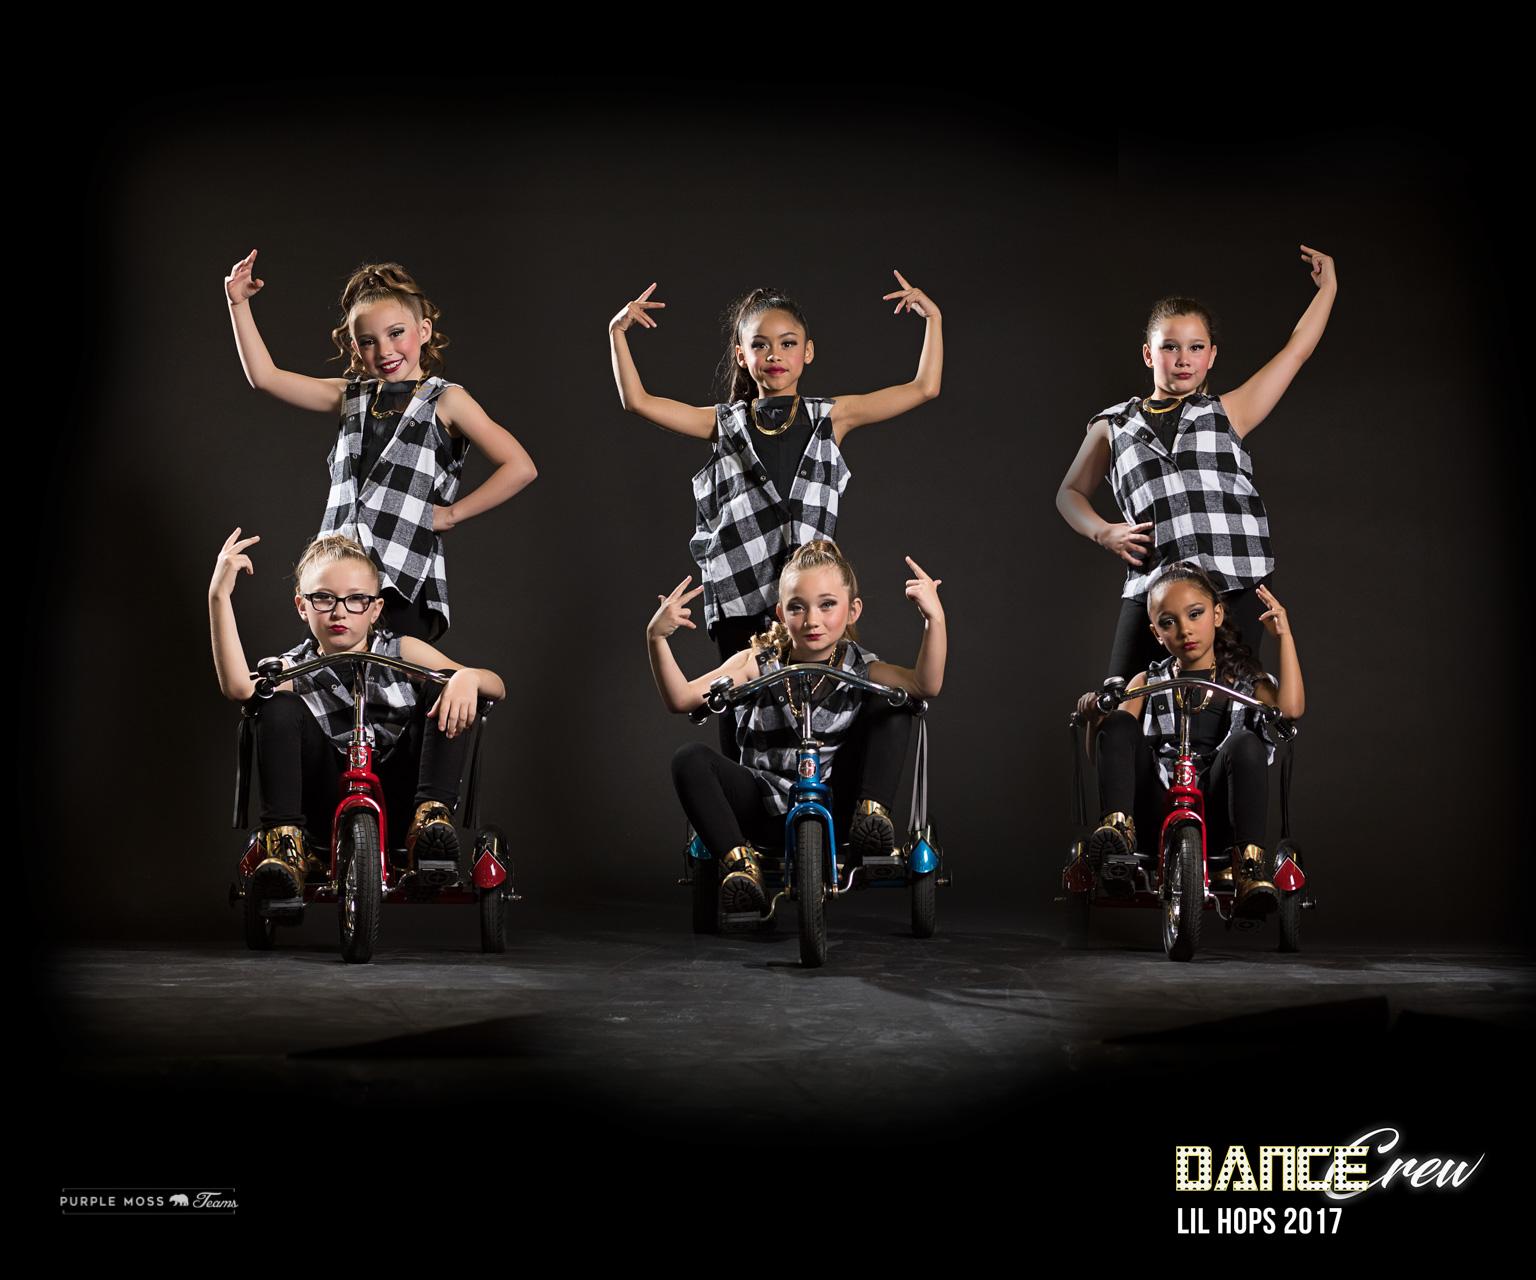 DCREW Little Hops Cruisin group